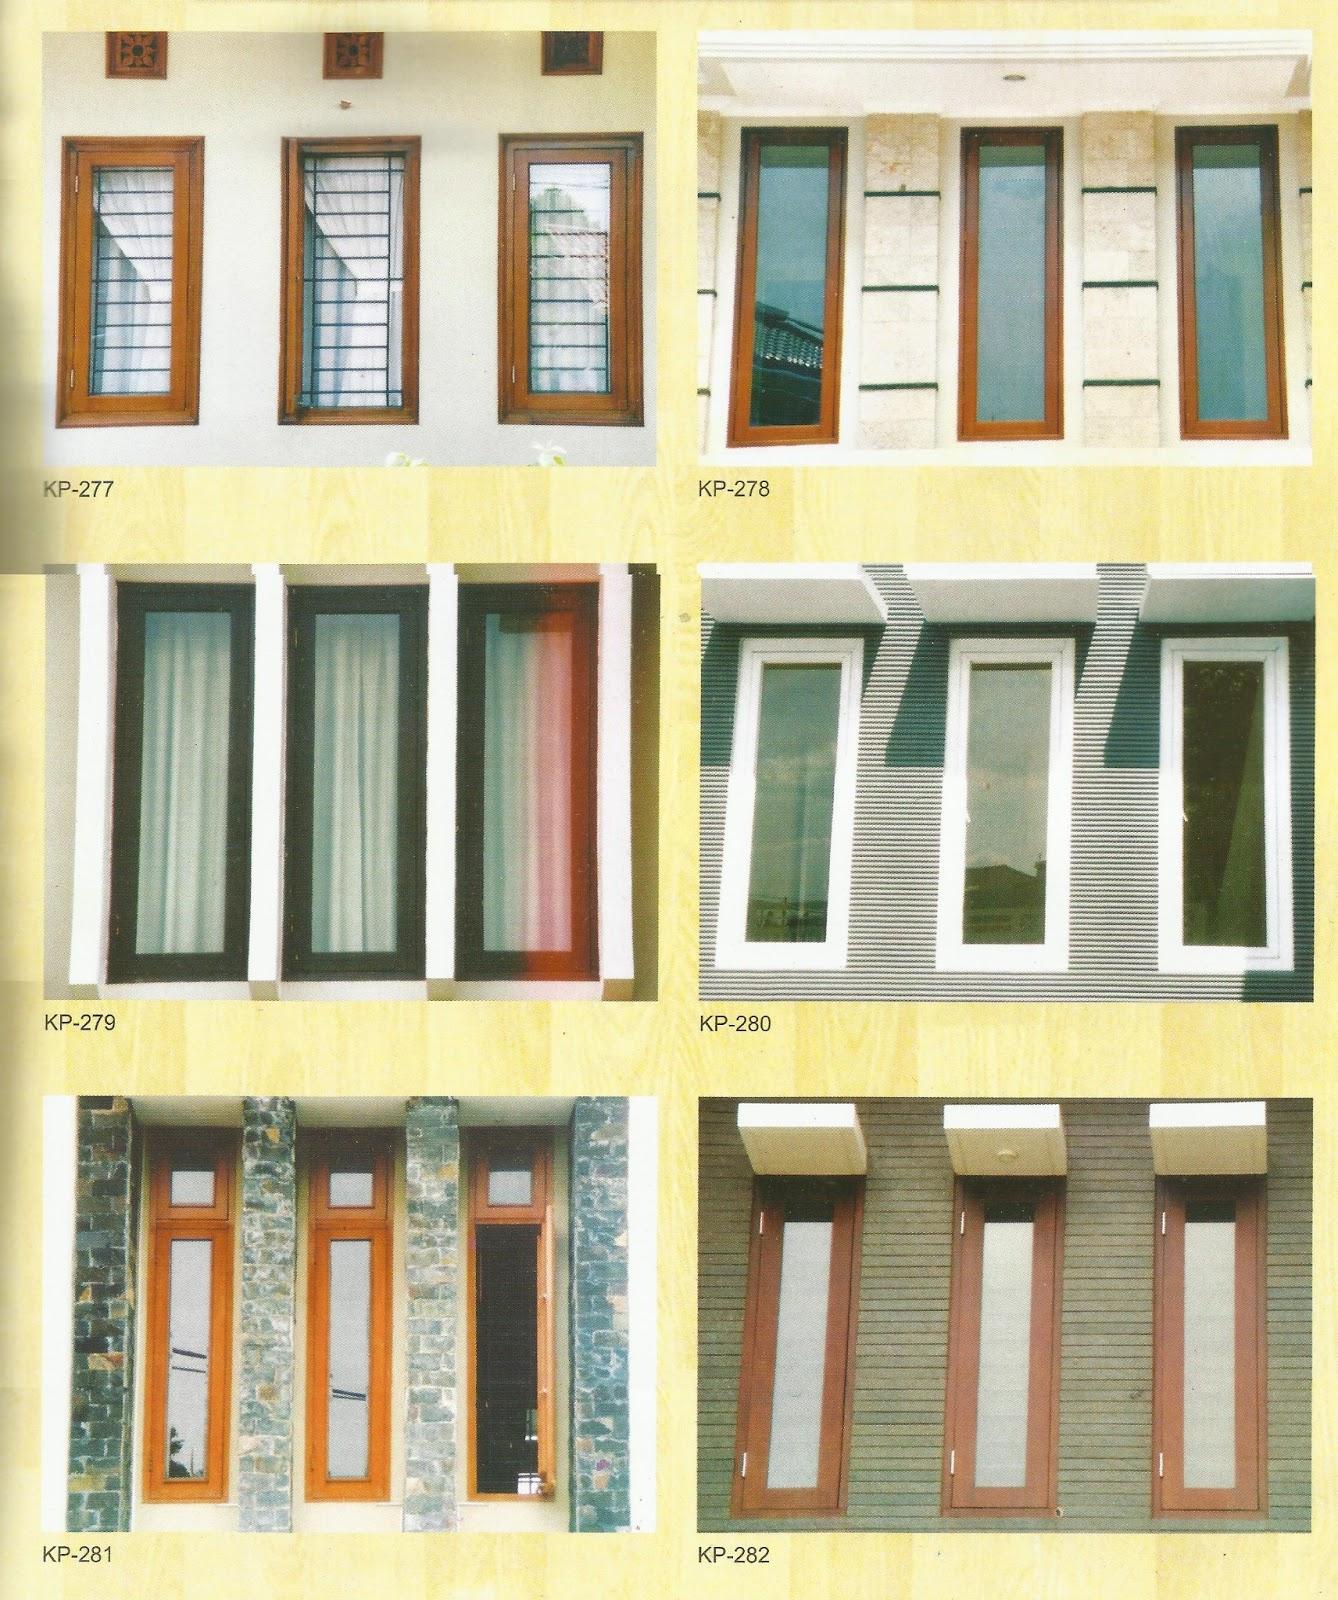 Unduh 66+ Gambar Rumah Minimalis Jendela Samping Terbaik Gratis